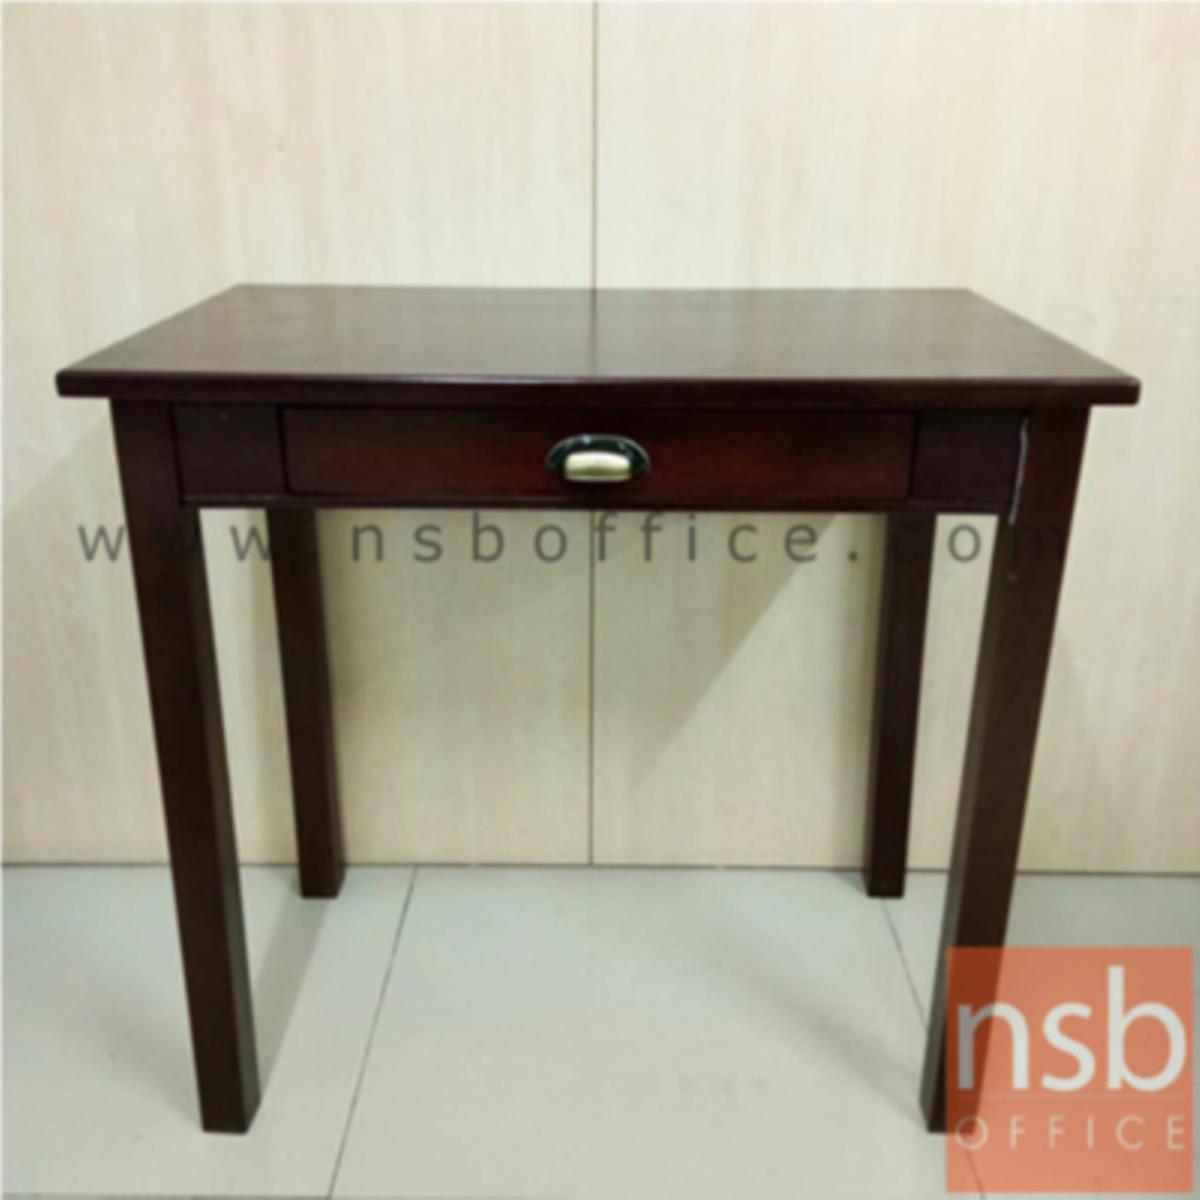 โต๊ะเหลี่ยมไม้ยางพารา 1 ลิ้นชัก รุ่น Dariel (เดเรียล) ขนาด 80W*48*75H cm.